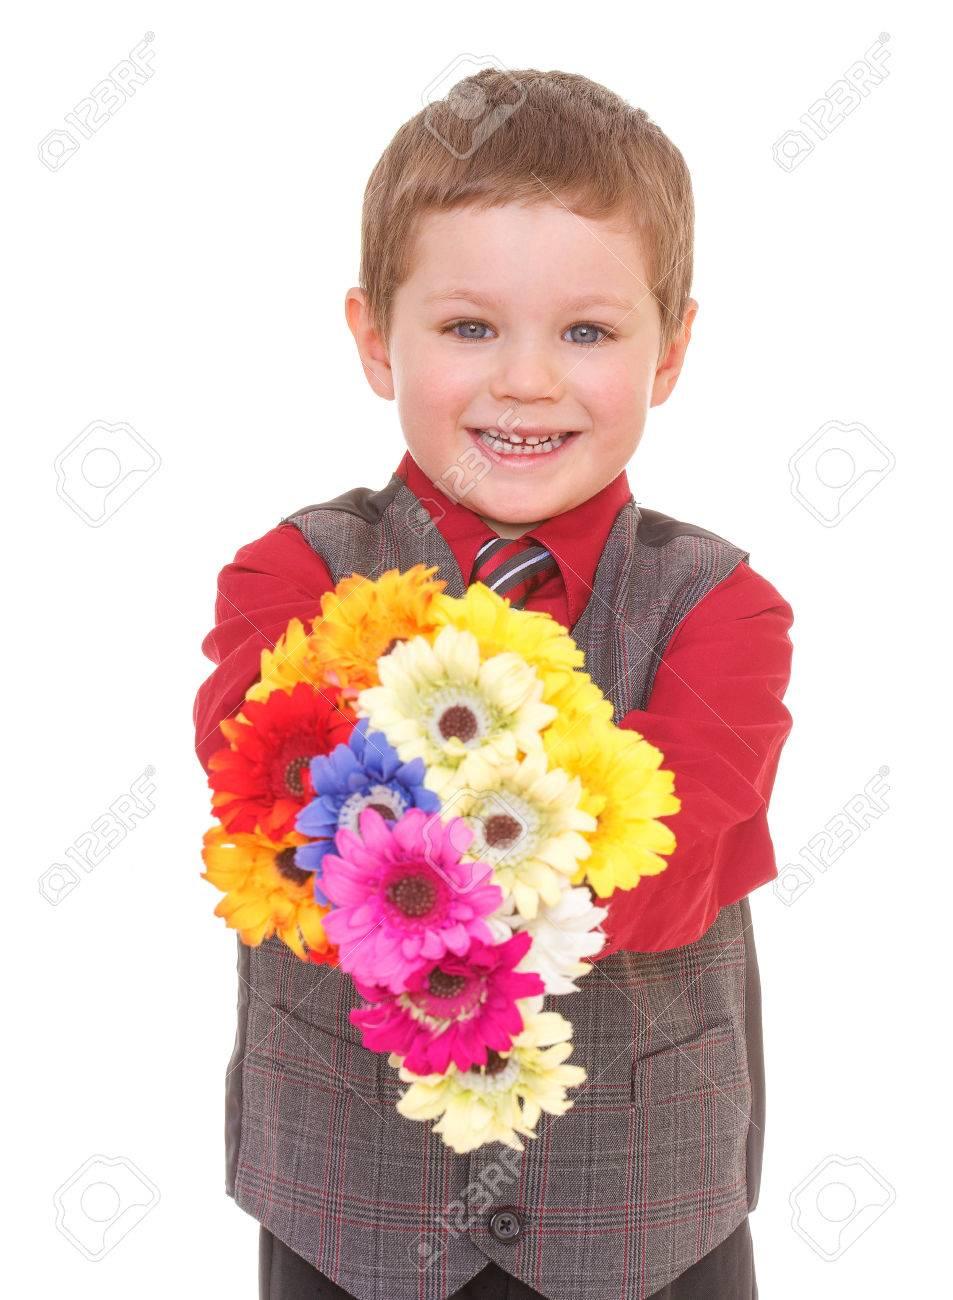 Фото мальчик в костюме с цветами